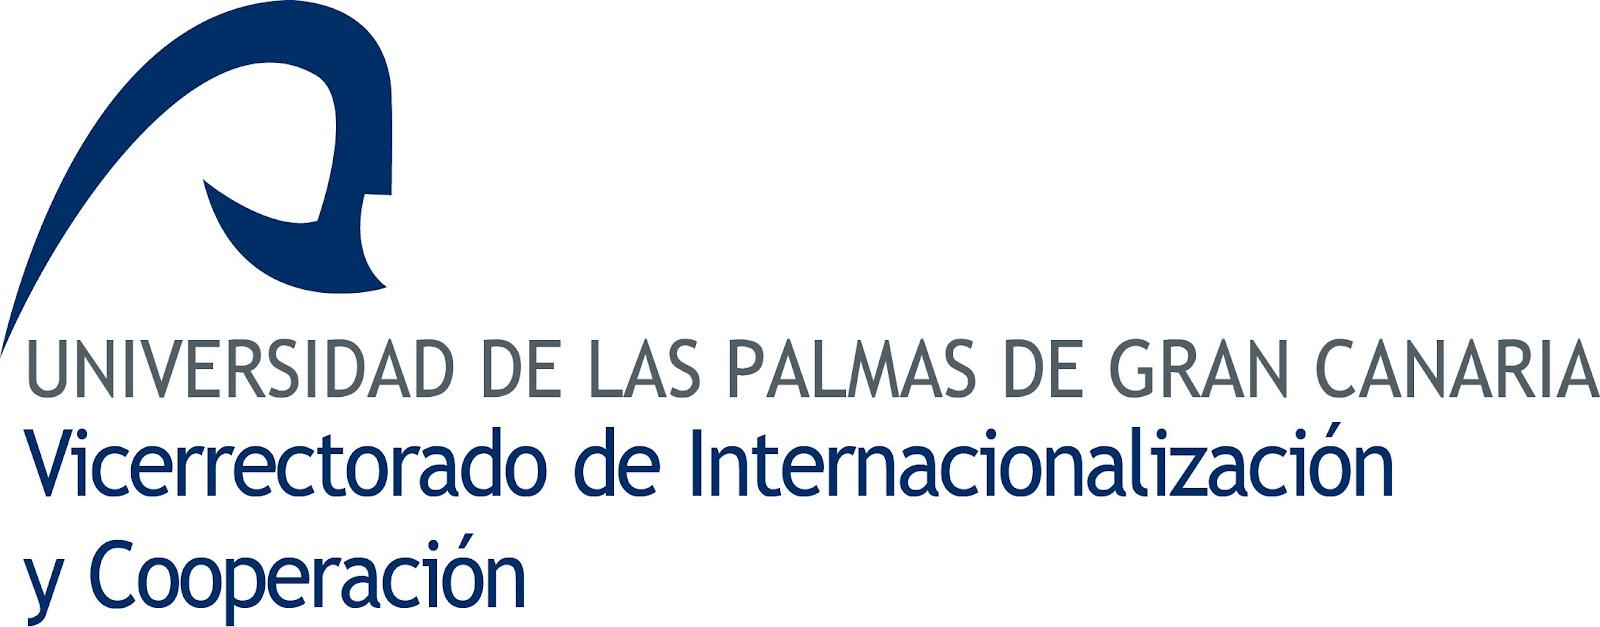 Vicerrectorado de Internacionalización y Cooperación - ULPGC